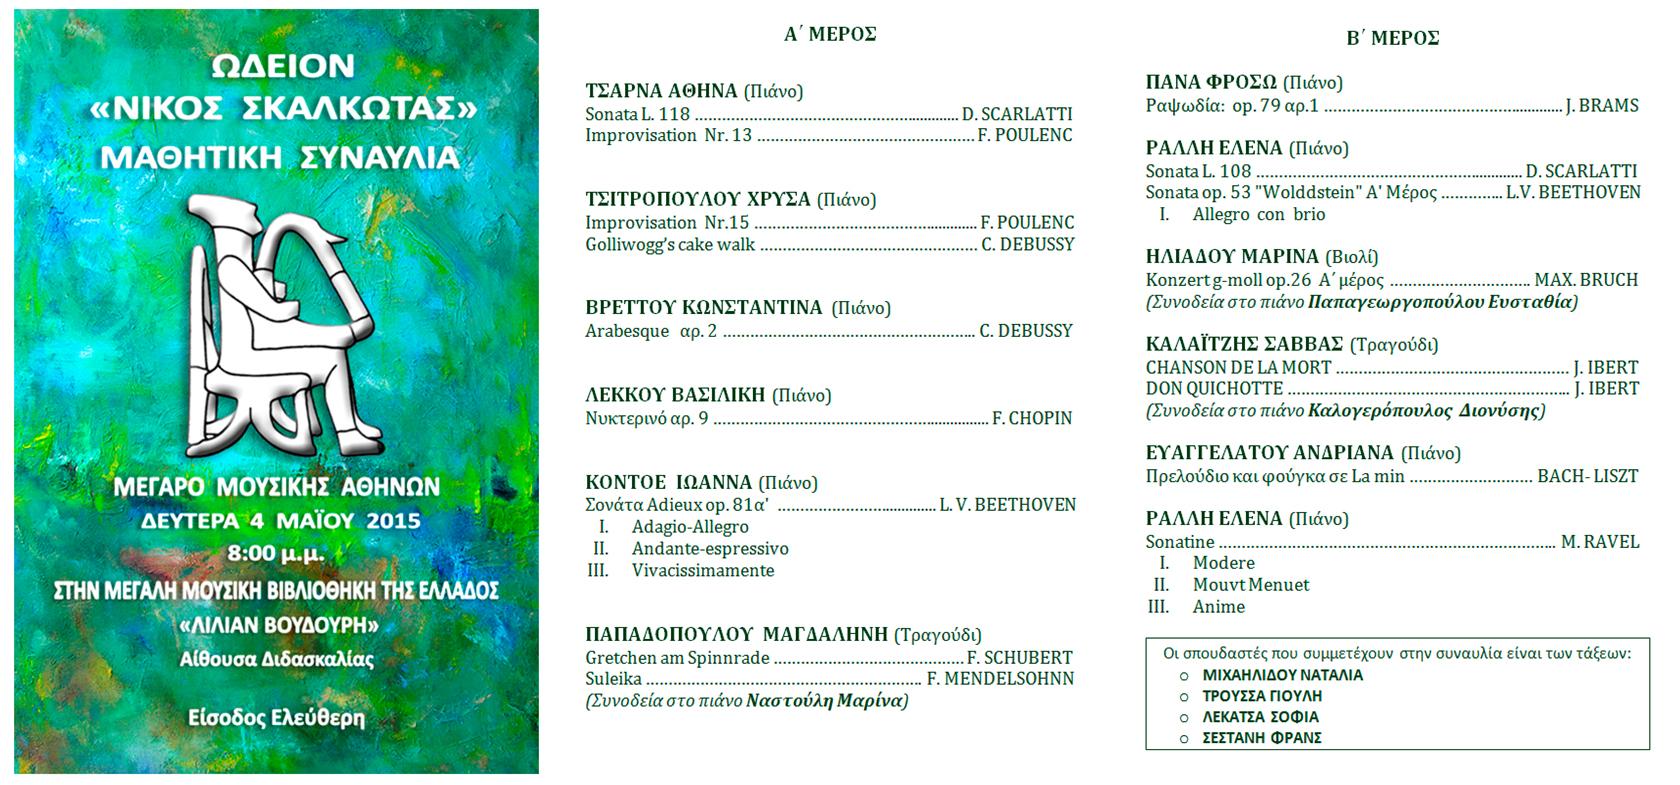 Ωδείον ΝΙΚΟΣ ΣΚΑΛΚΩΤΑΣ, Μαθητική Συναυλία Μέγαρο Μουσικής Αθηνών 4 Μαΐου 2015